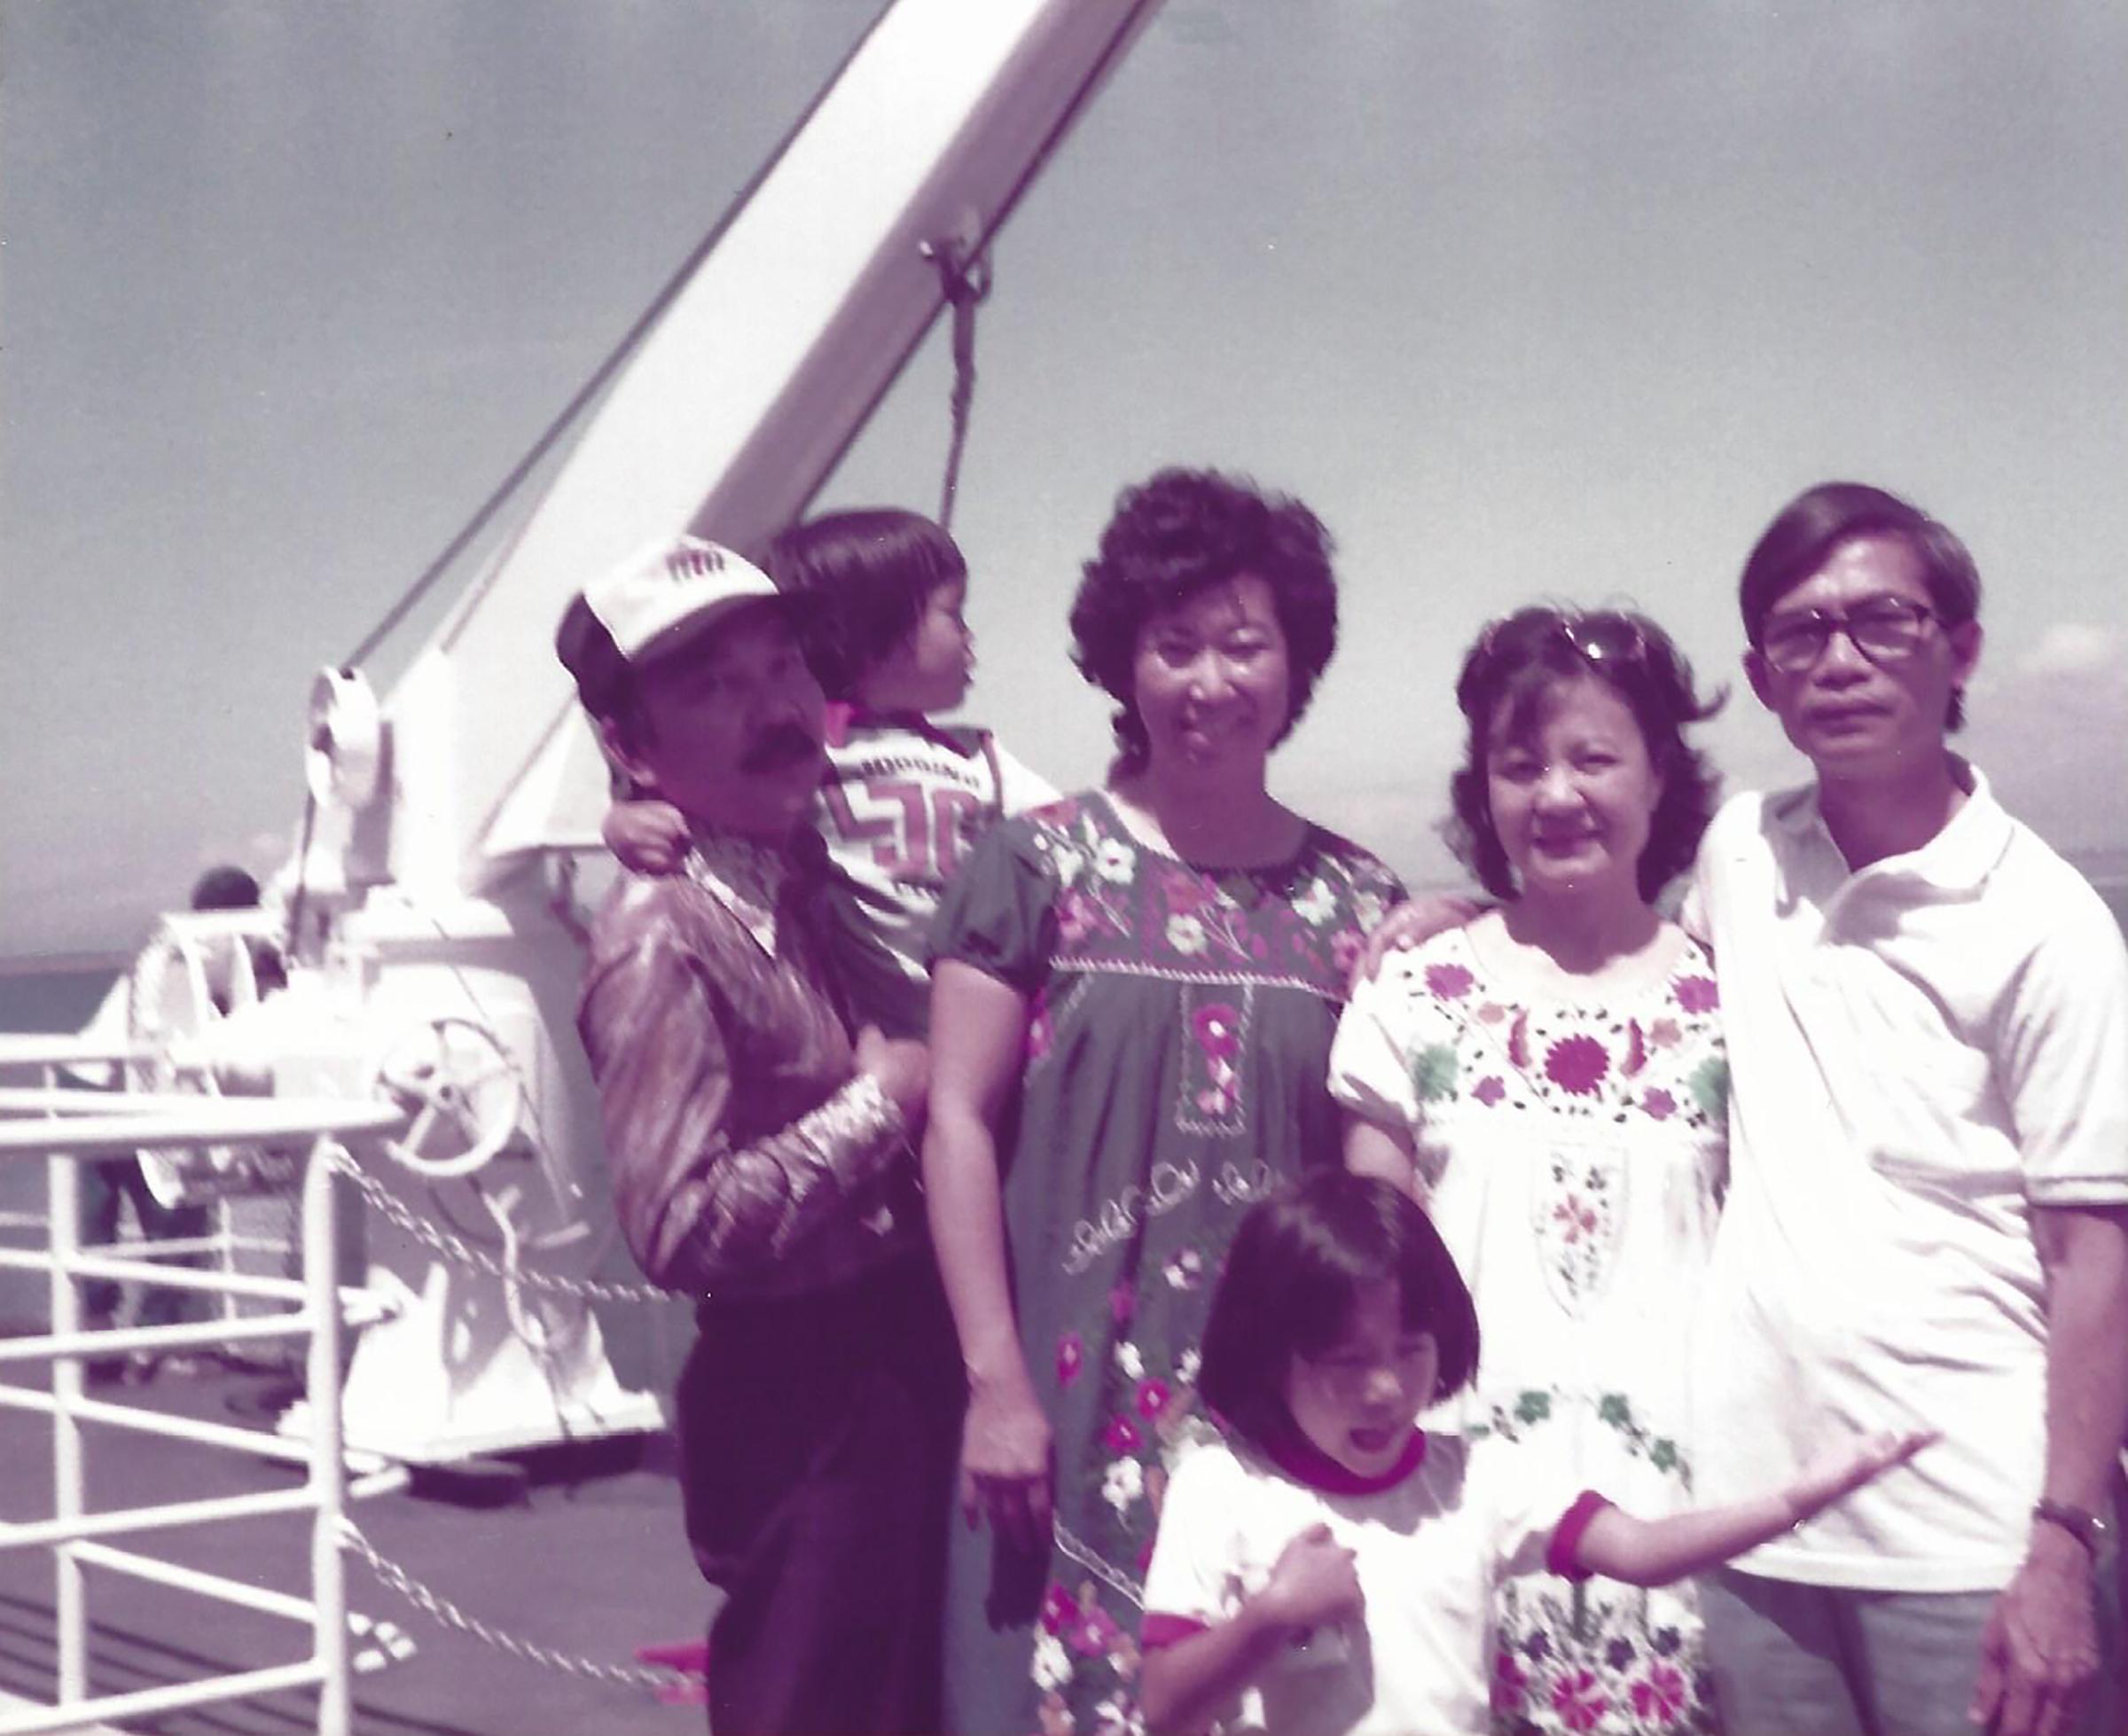 إيمي فان ، وسط الصورة ، مع والدها وشقيقها ووالدتها وعمتها وعمّها من اليسار في فانكوفر ، كندا ، صيف 1983.